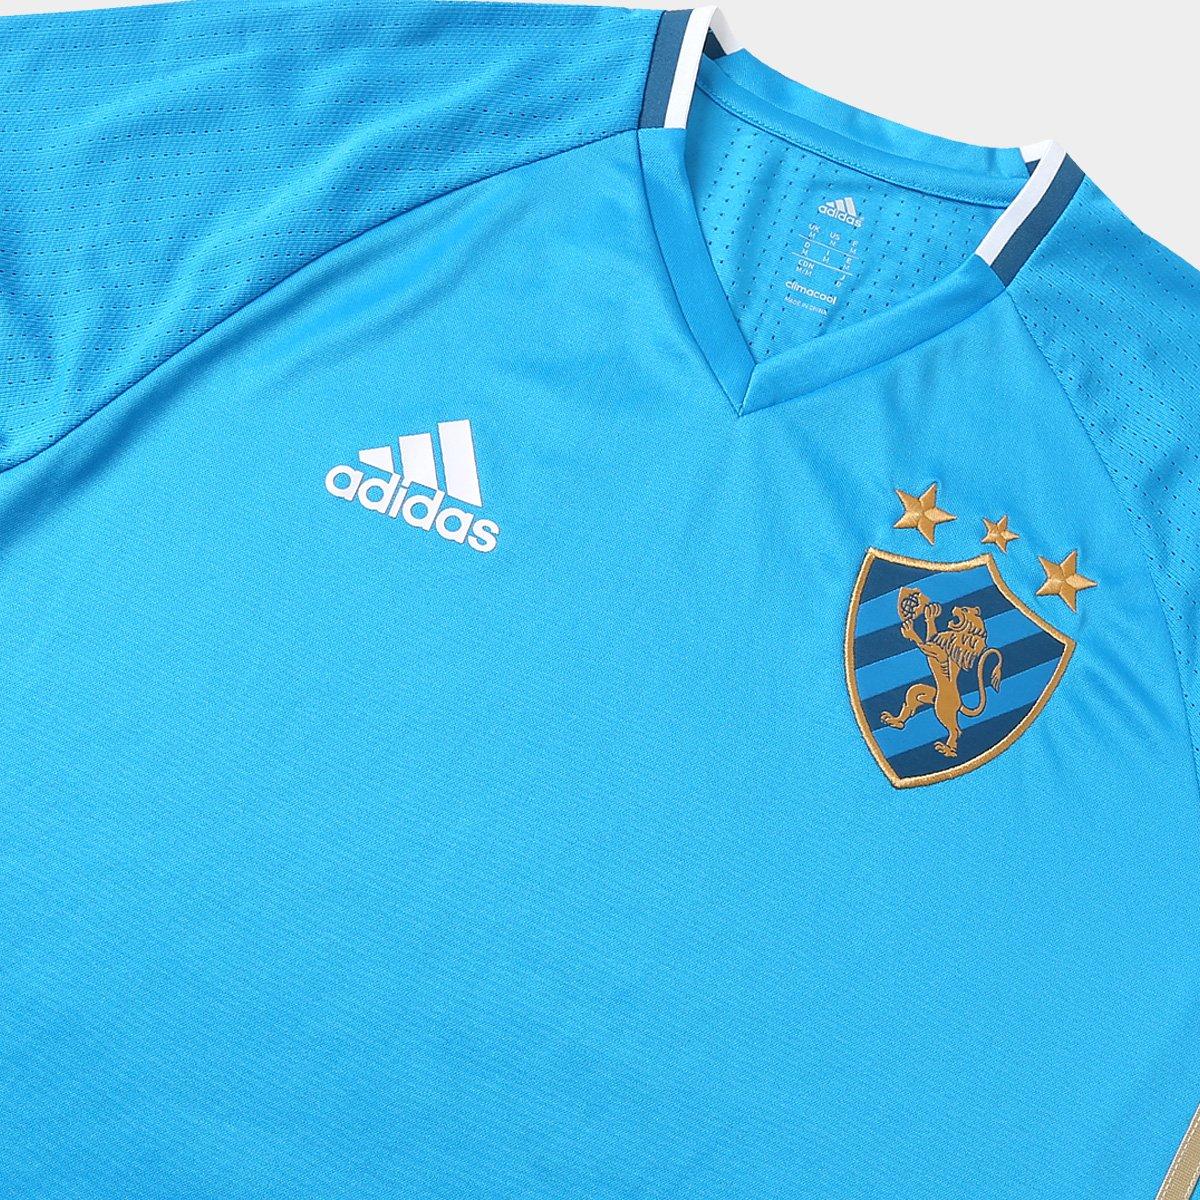 Camisa de Treino Sport Recife 17 18 Adidas Masculina - Compre Agora ... a262638aefc7f